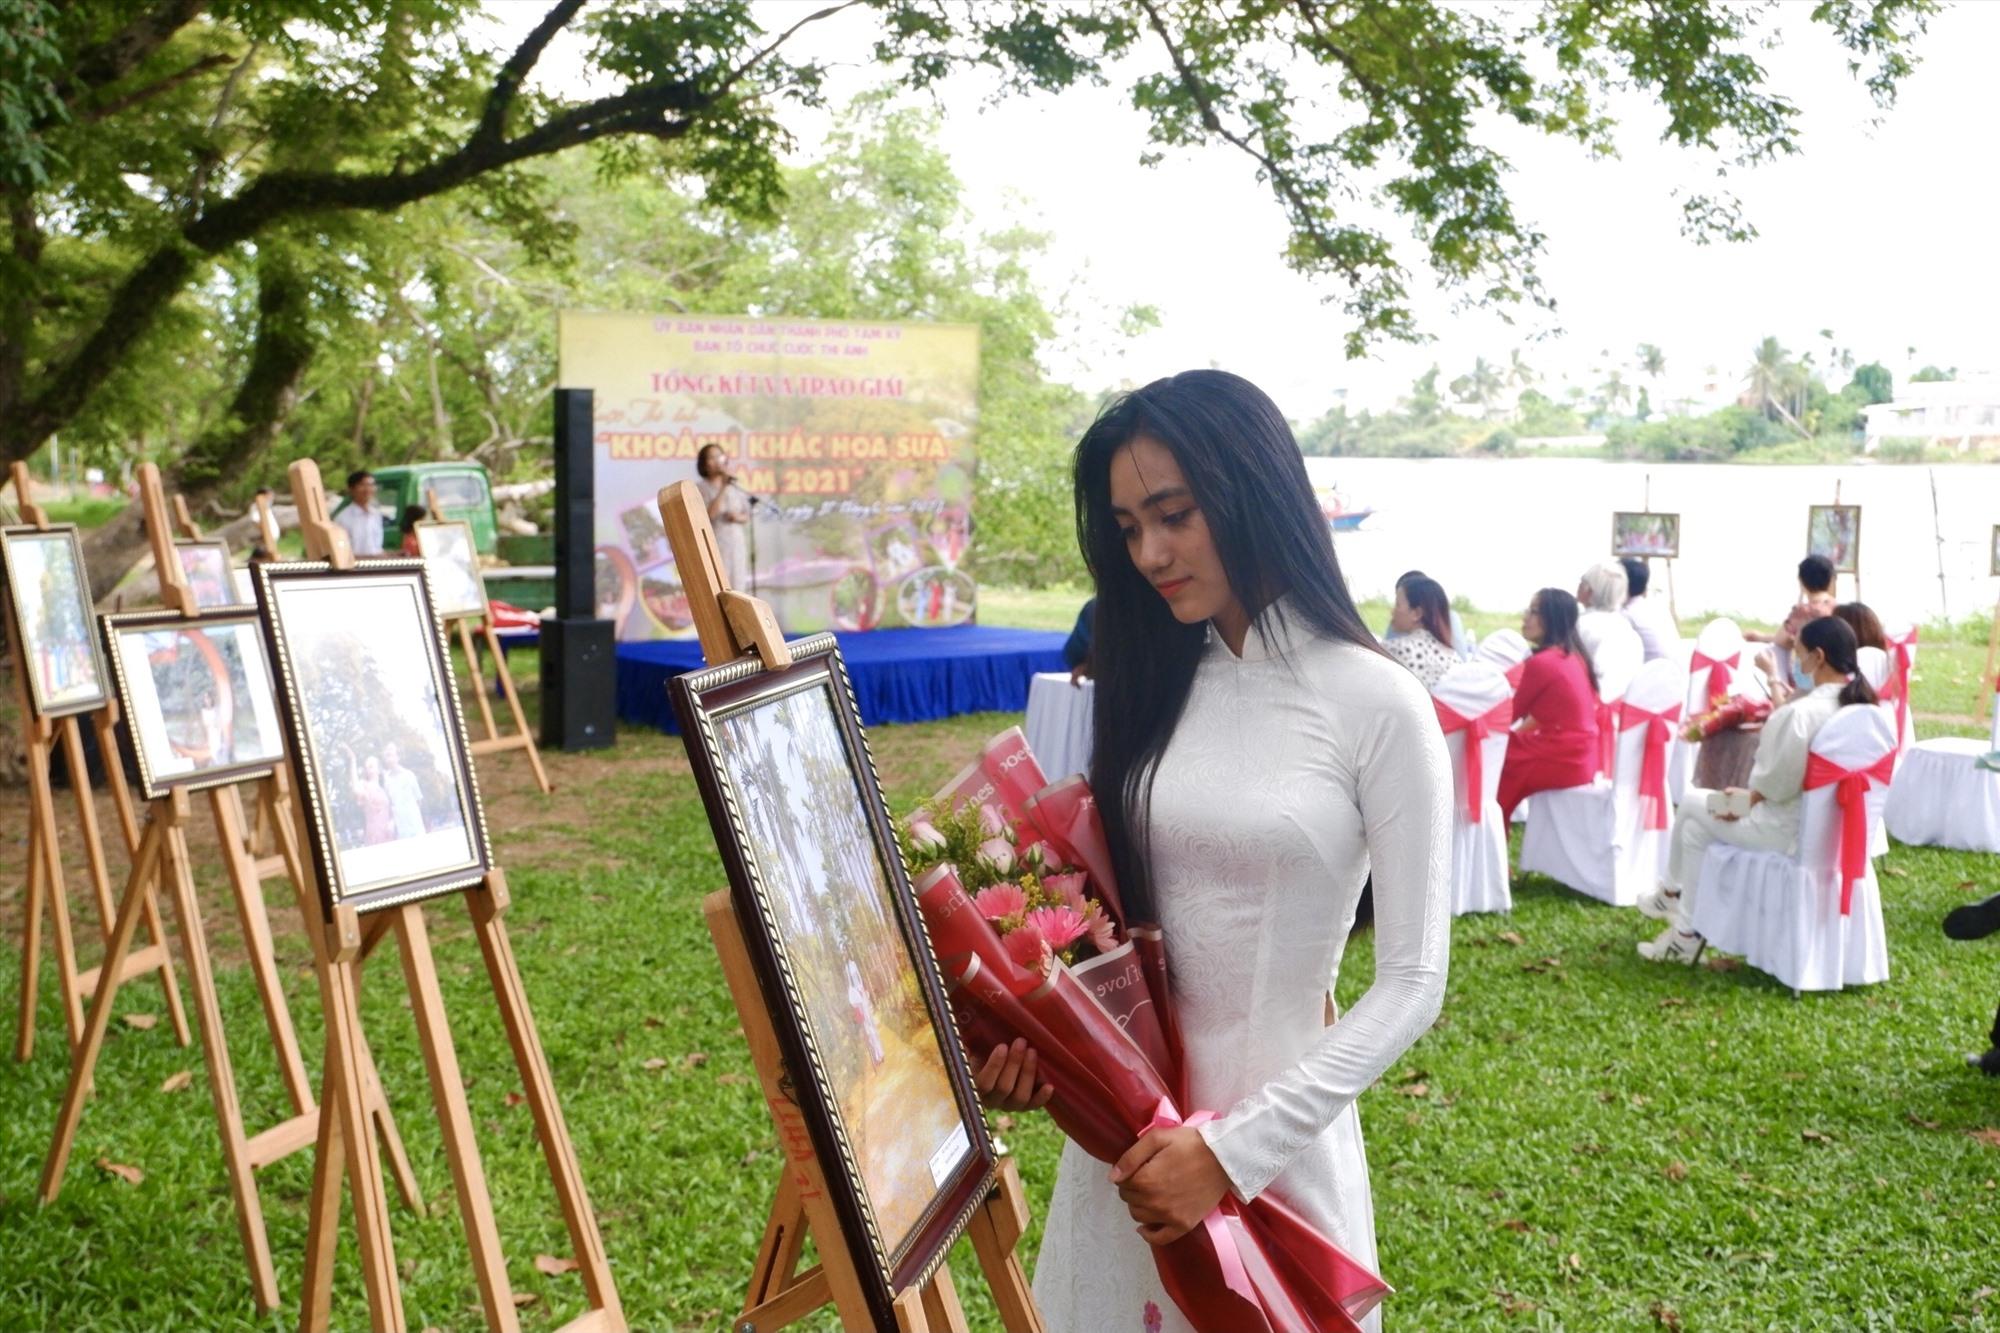 """Các tác phẩm được giải cuộc thi ảnh """"Khoảnh khắc mua hoa sưa năm 2021"""" được chọn trưng bày tại Khu vực Vườn Cừa, Phường Hòa Hương. Ảnh: X.H"""